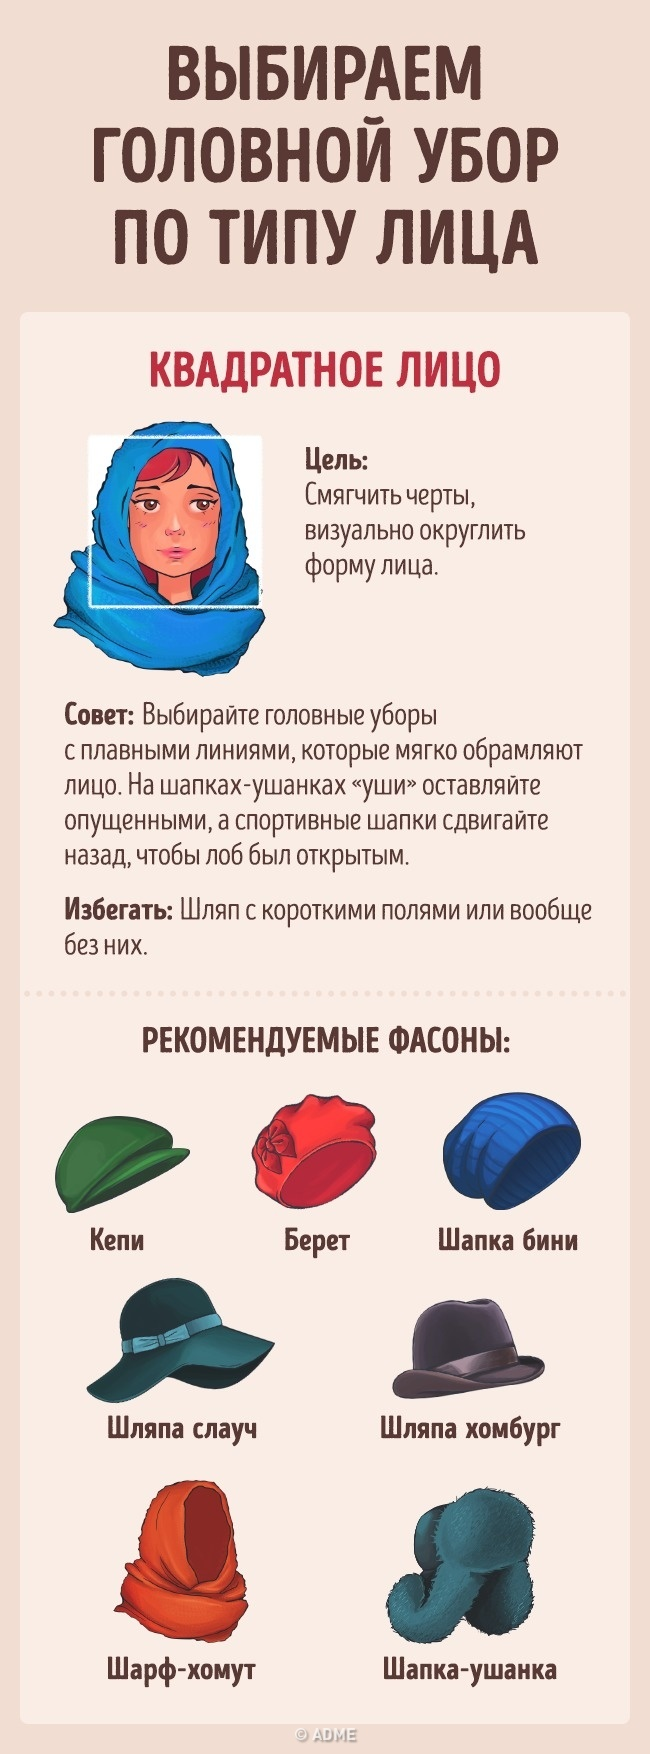 Как выбрать головной убор всоответствии стипом лица (5 фото)